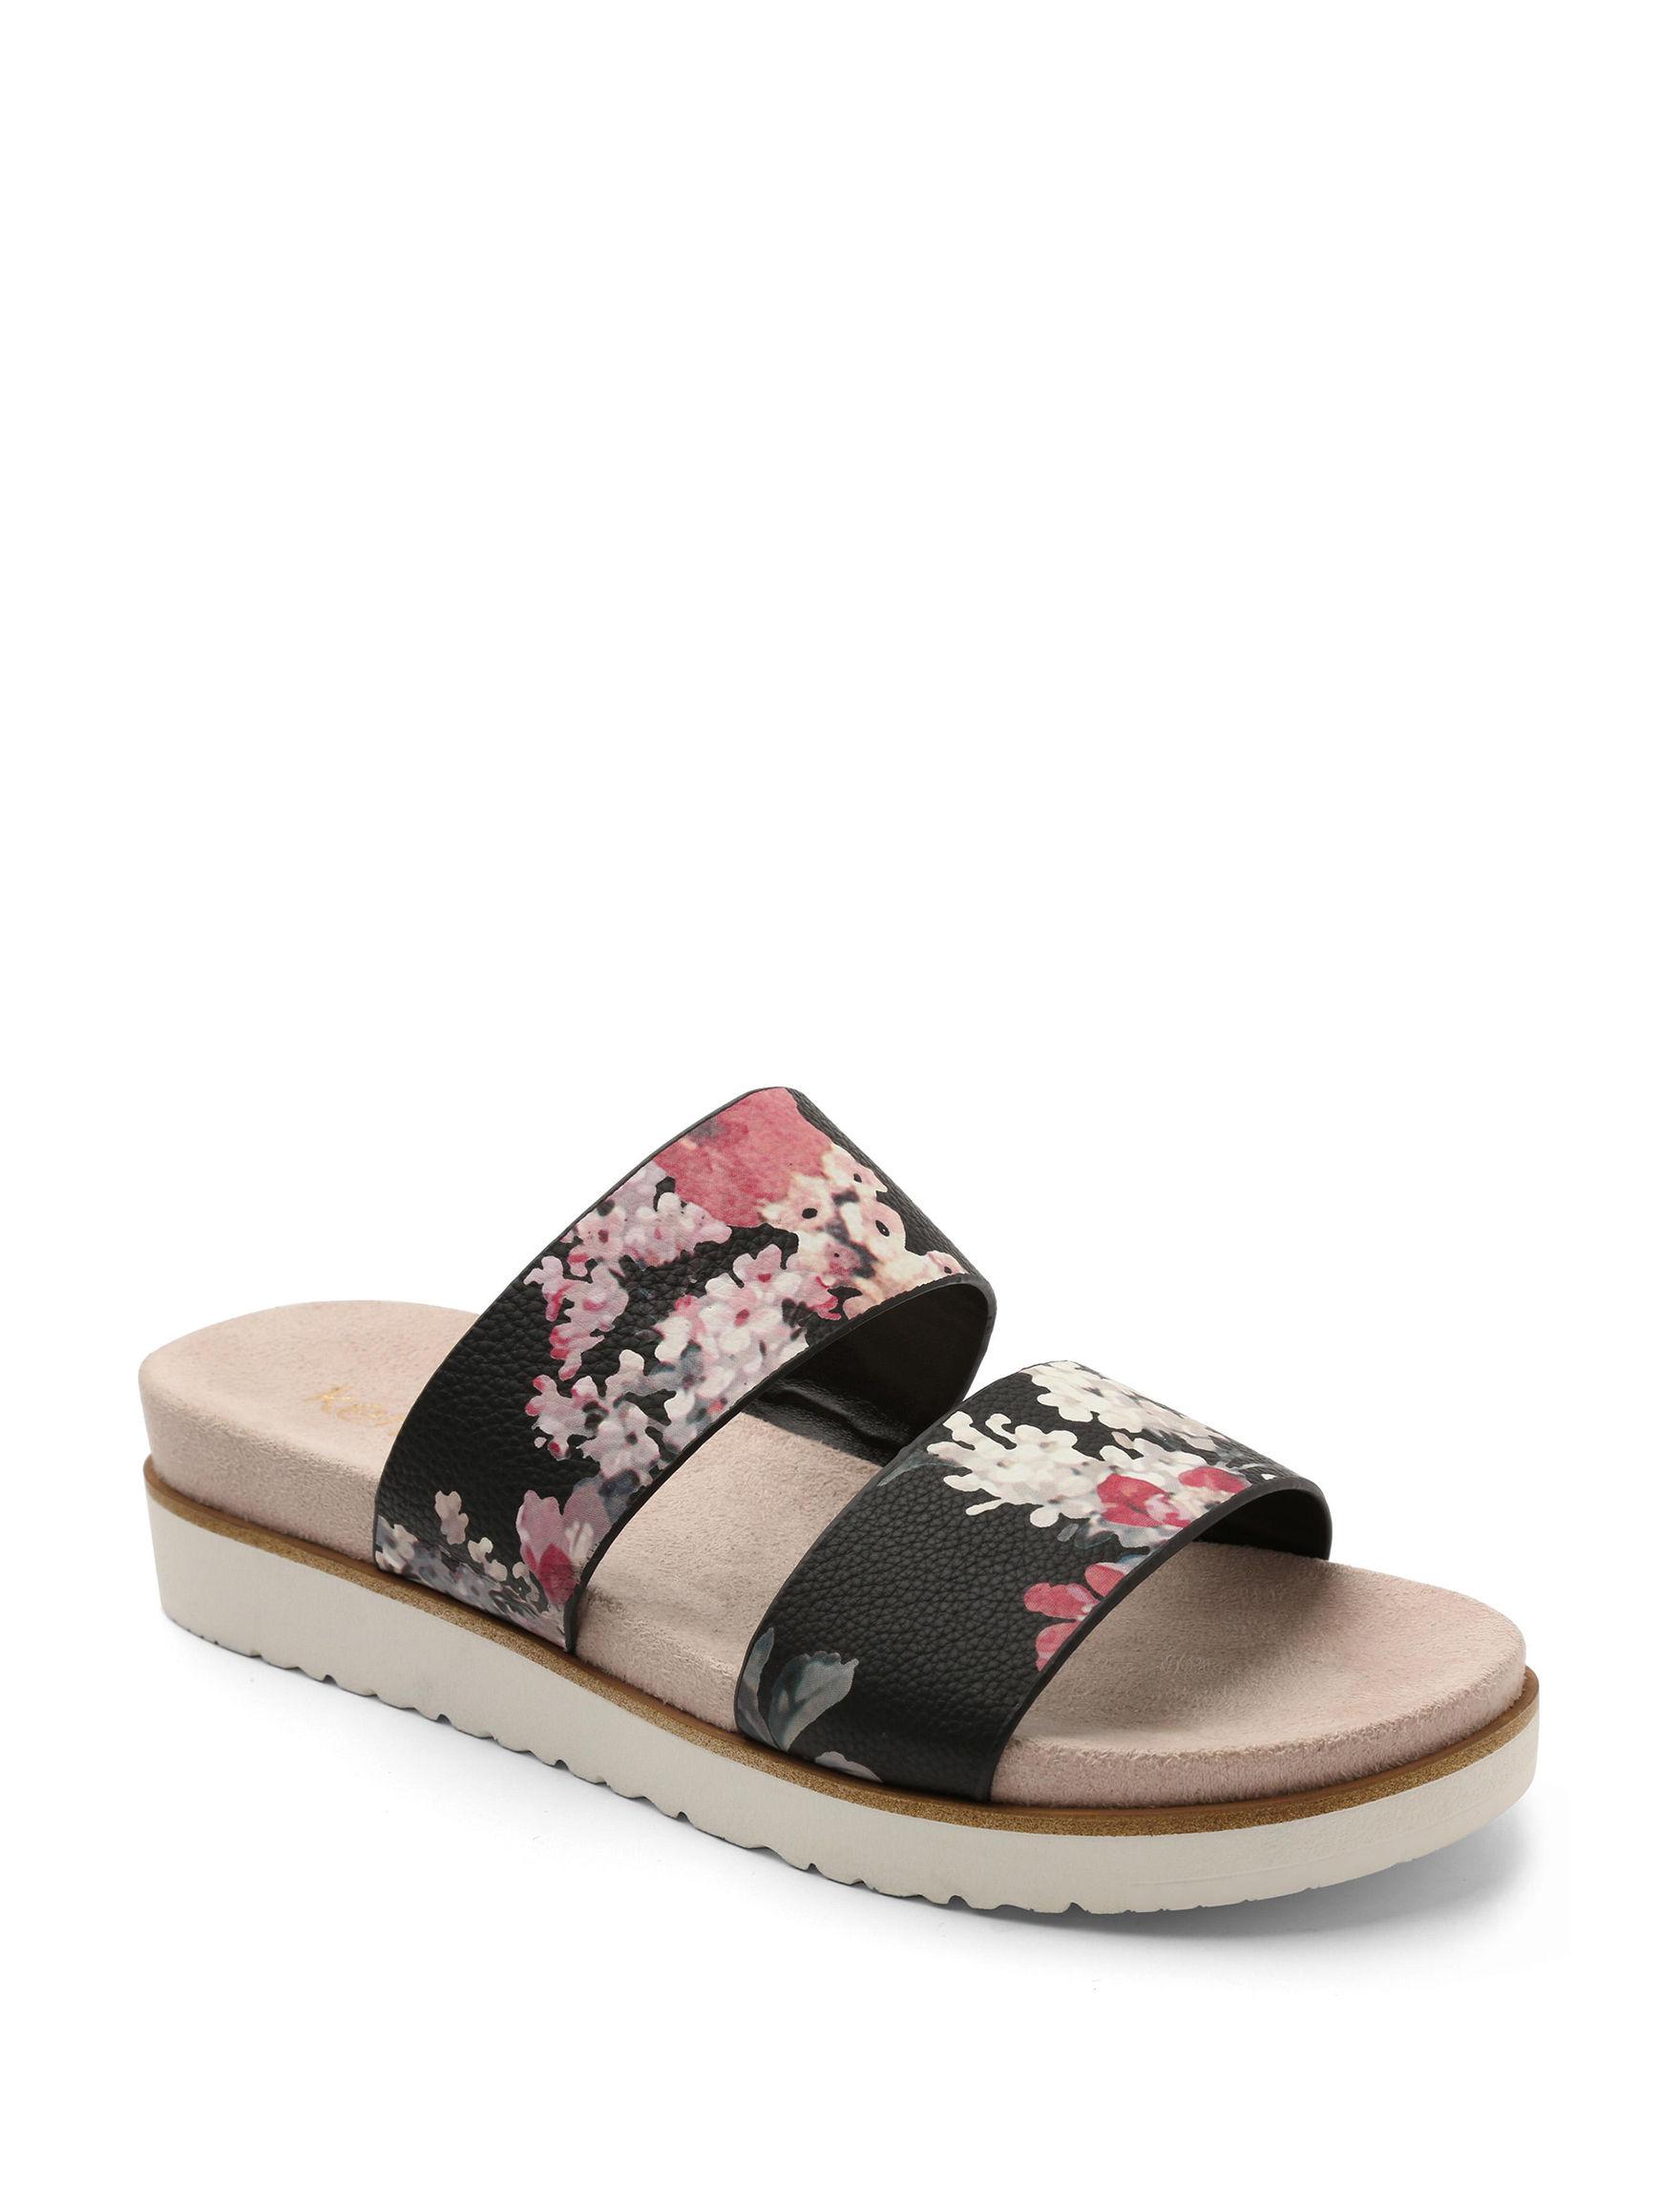 Kensie Black Flat Sandals